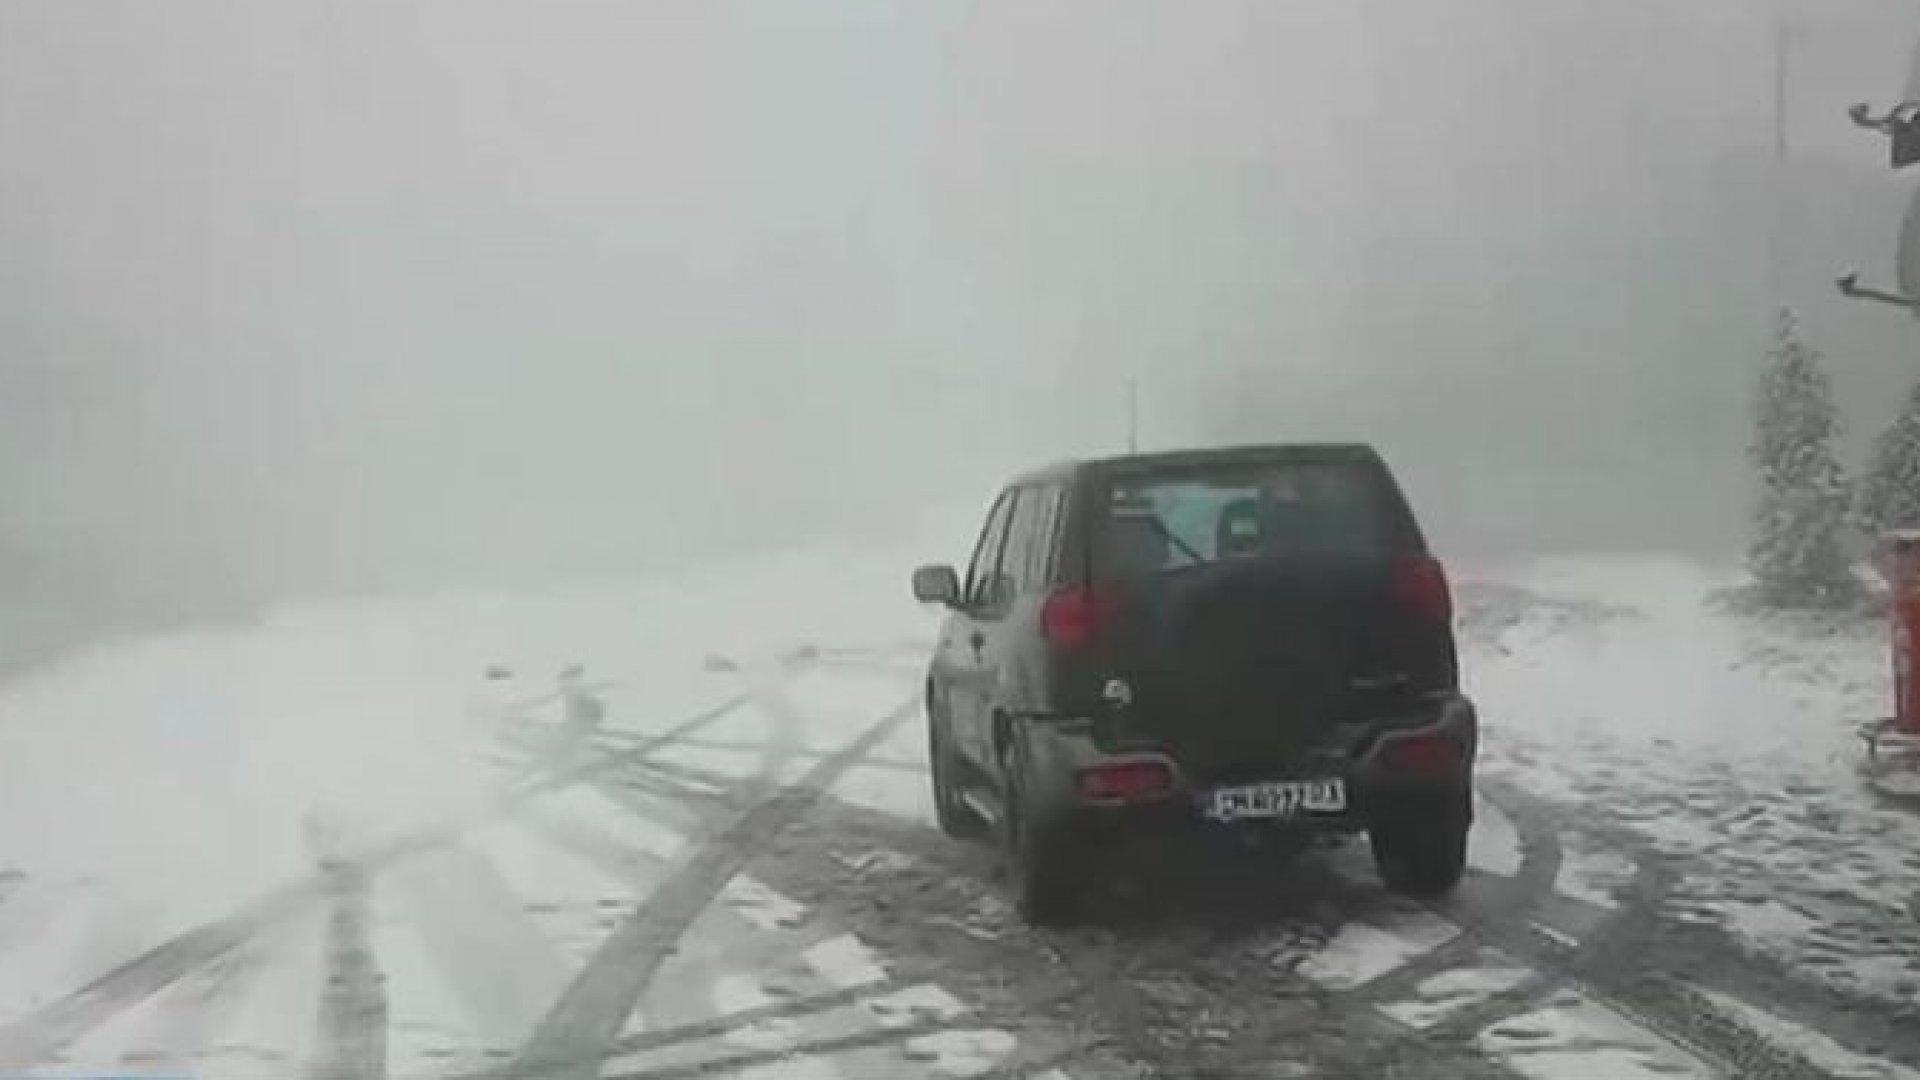 Първи сняг в прохода Петрохан, затвориха Хаинбоаз заради катастрофа с камион